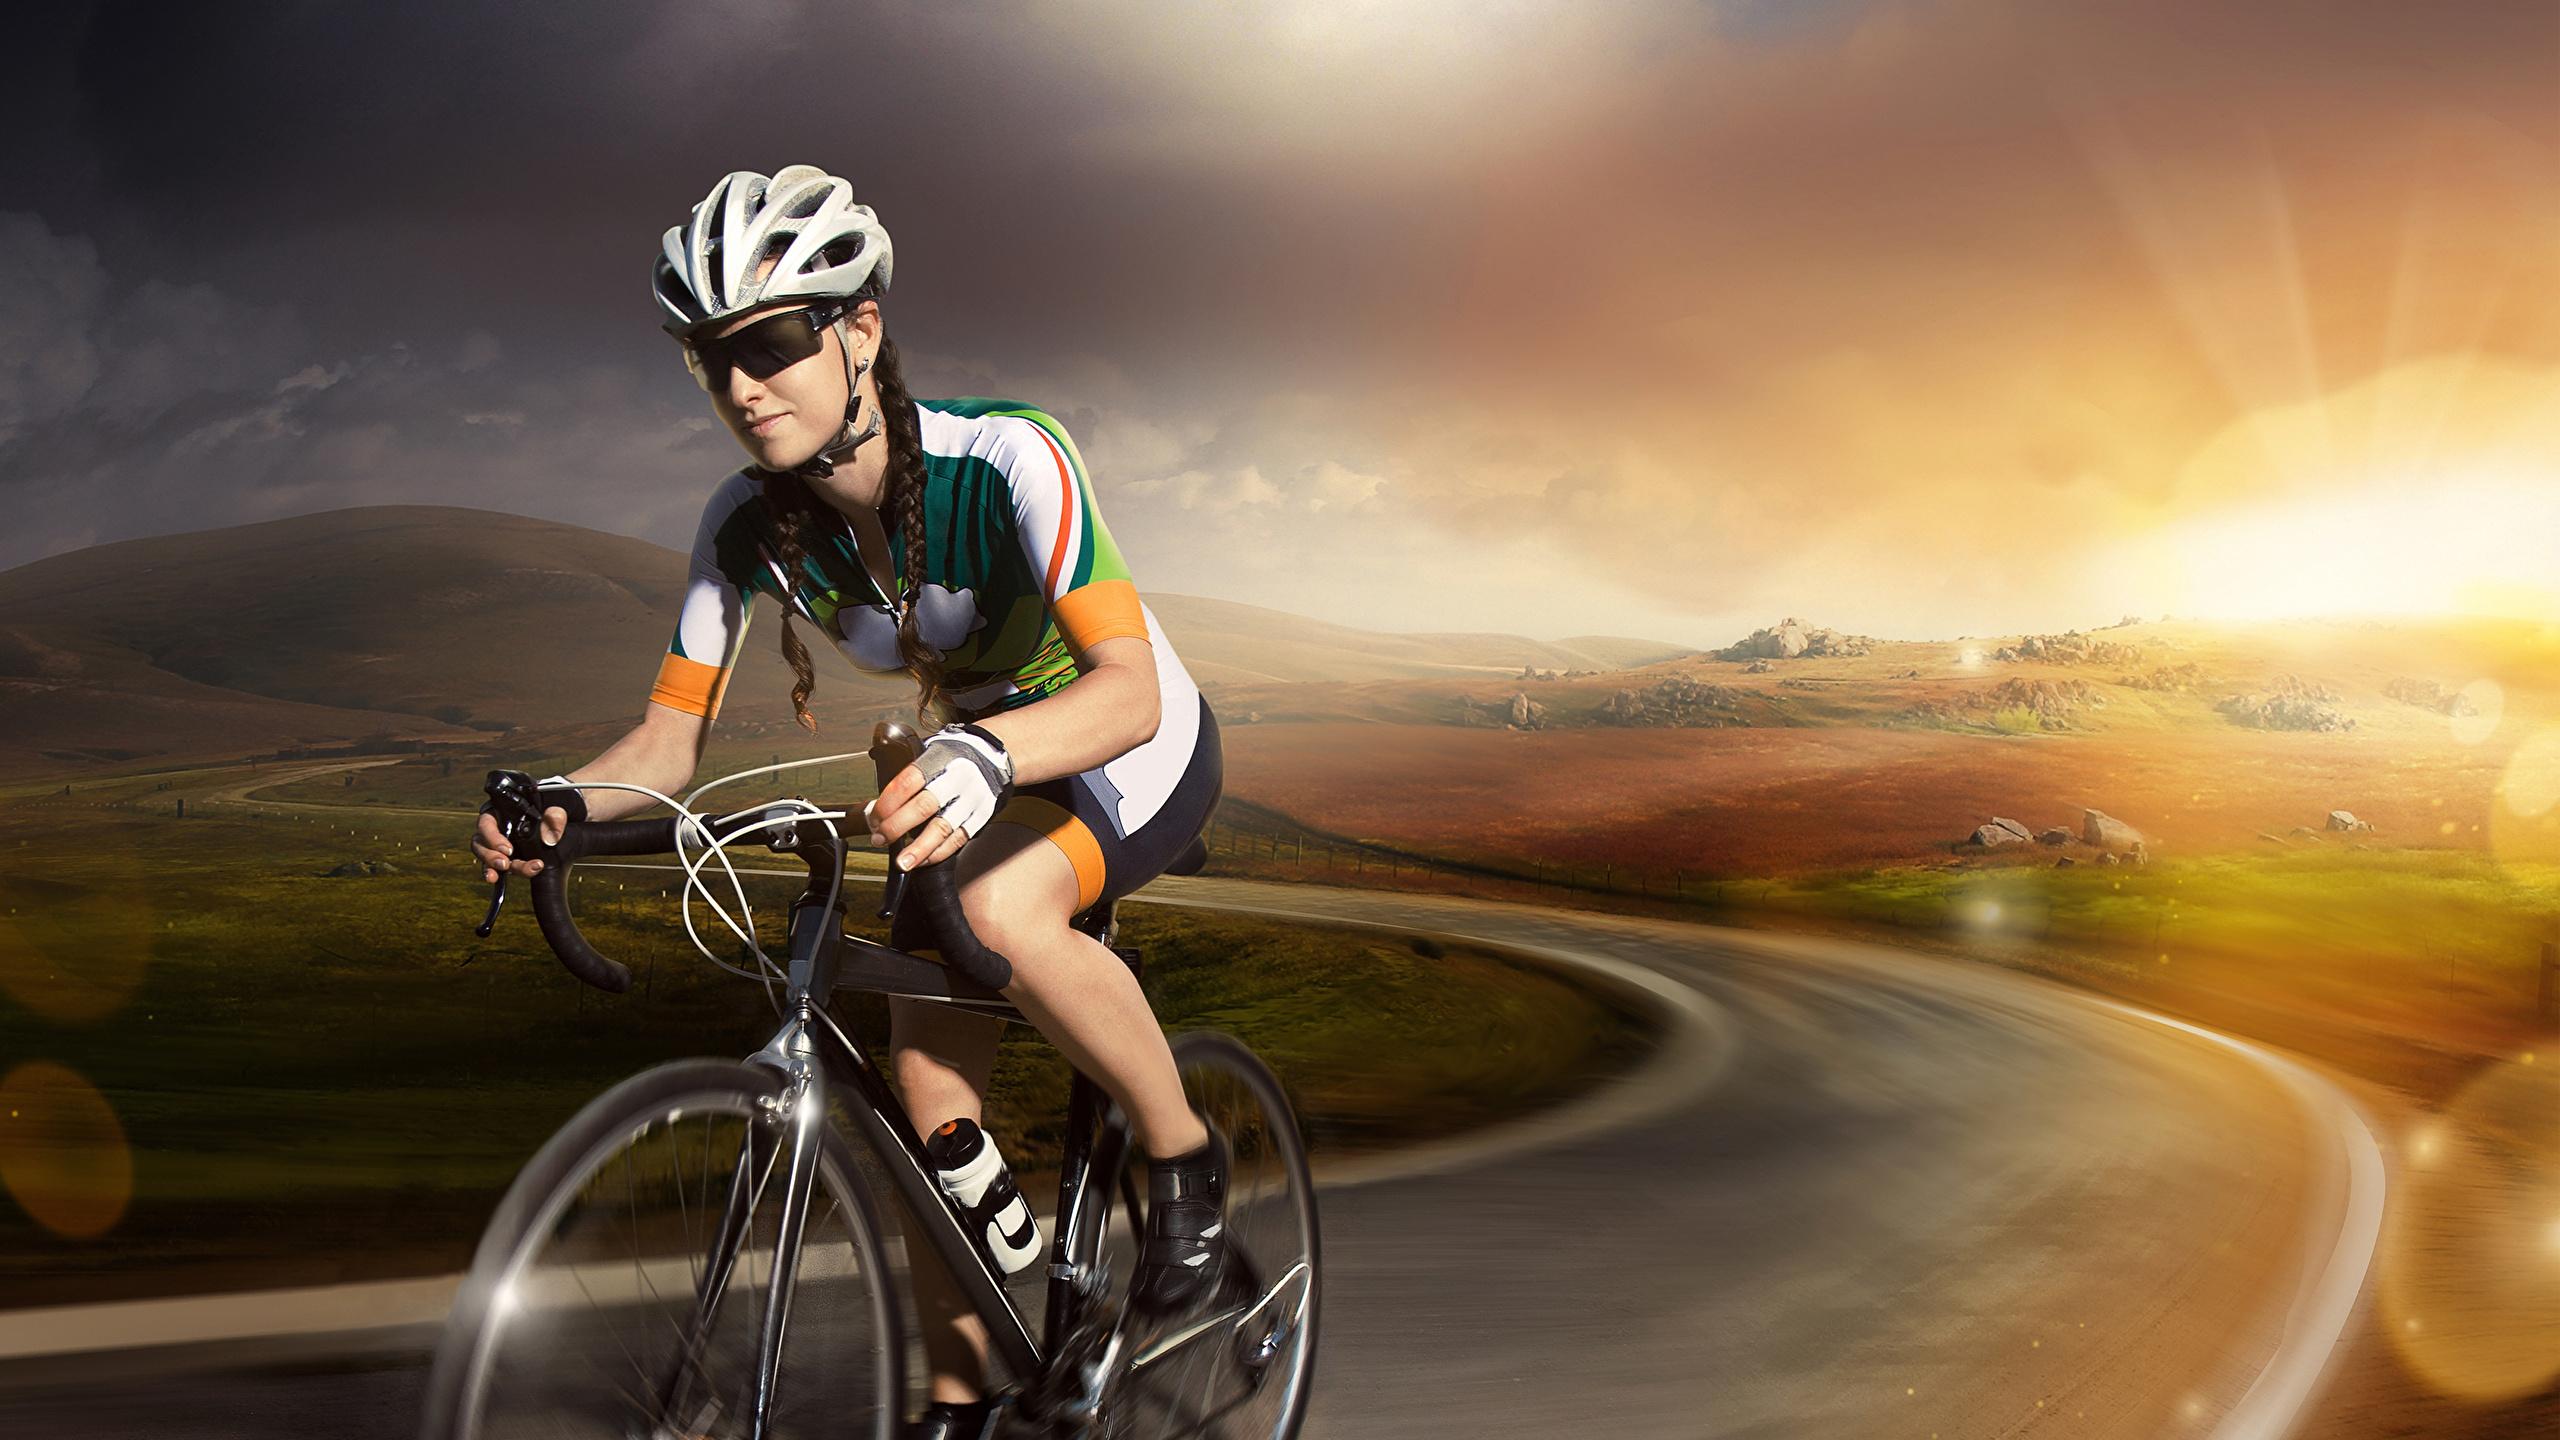 Картинка Шлем велосипеде спортивная молодые женщины Дороги Очки 2560x1440 шлема в шлеме Велосипед велосипеды Спорт девушка Девушки спортивные спортивный молодая женщина очков очках